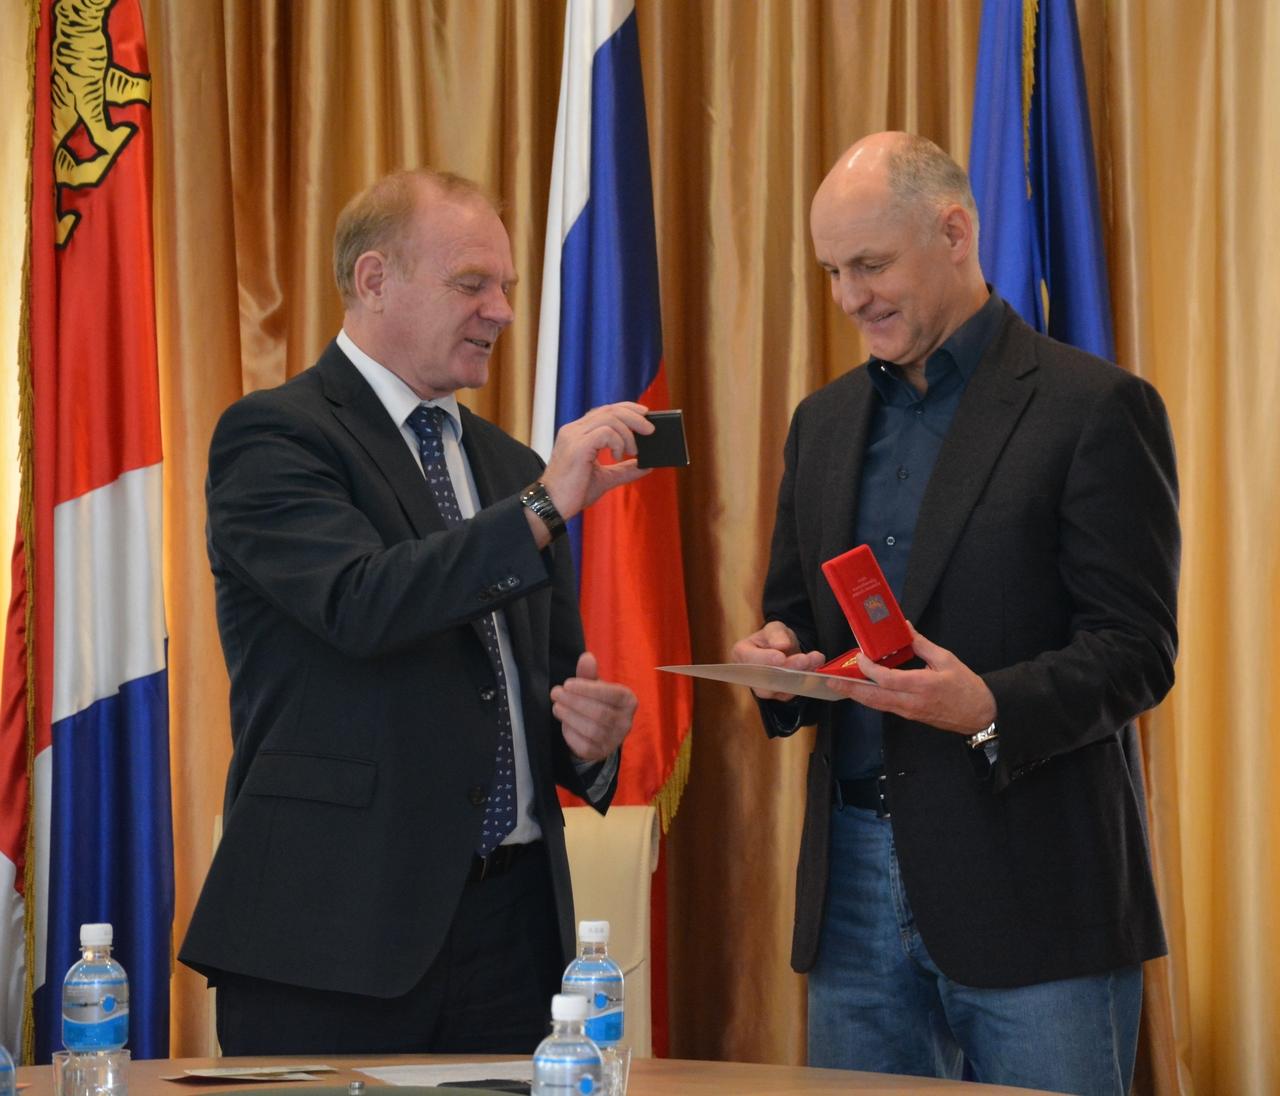 Работникам сферы торговли и бытового обслуживания вручены награды Думы Артемовского городского округа